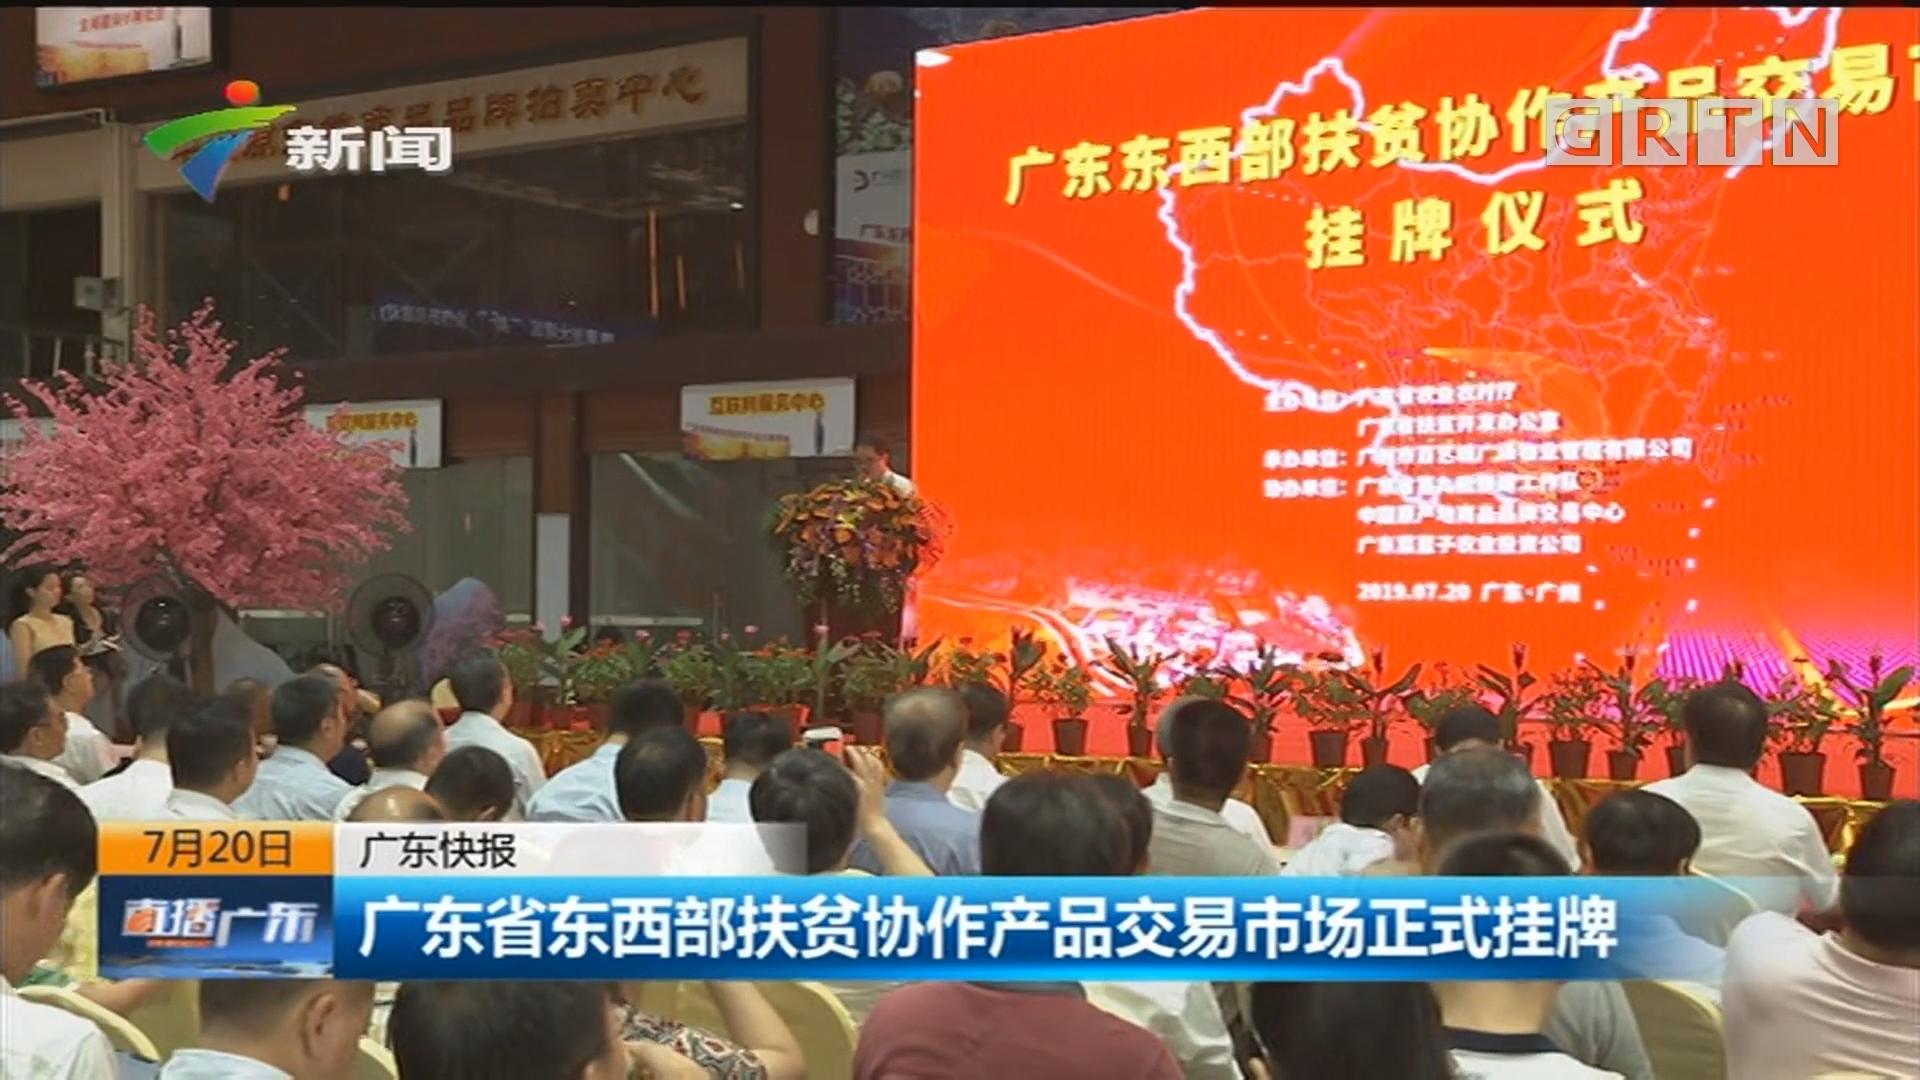 广东省东西部扶贫协作产品交易市场正式挂牌